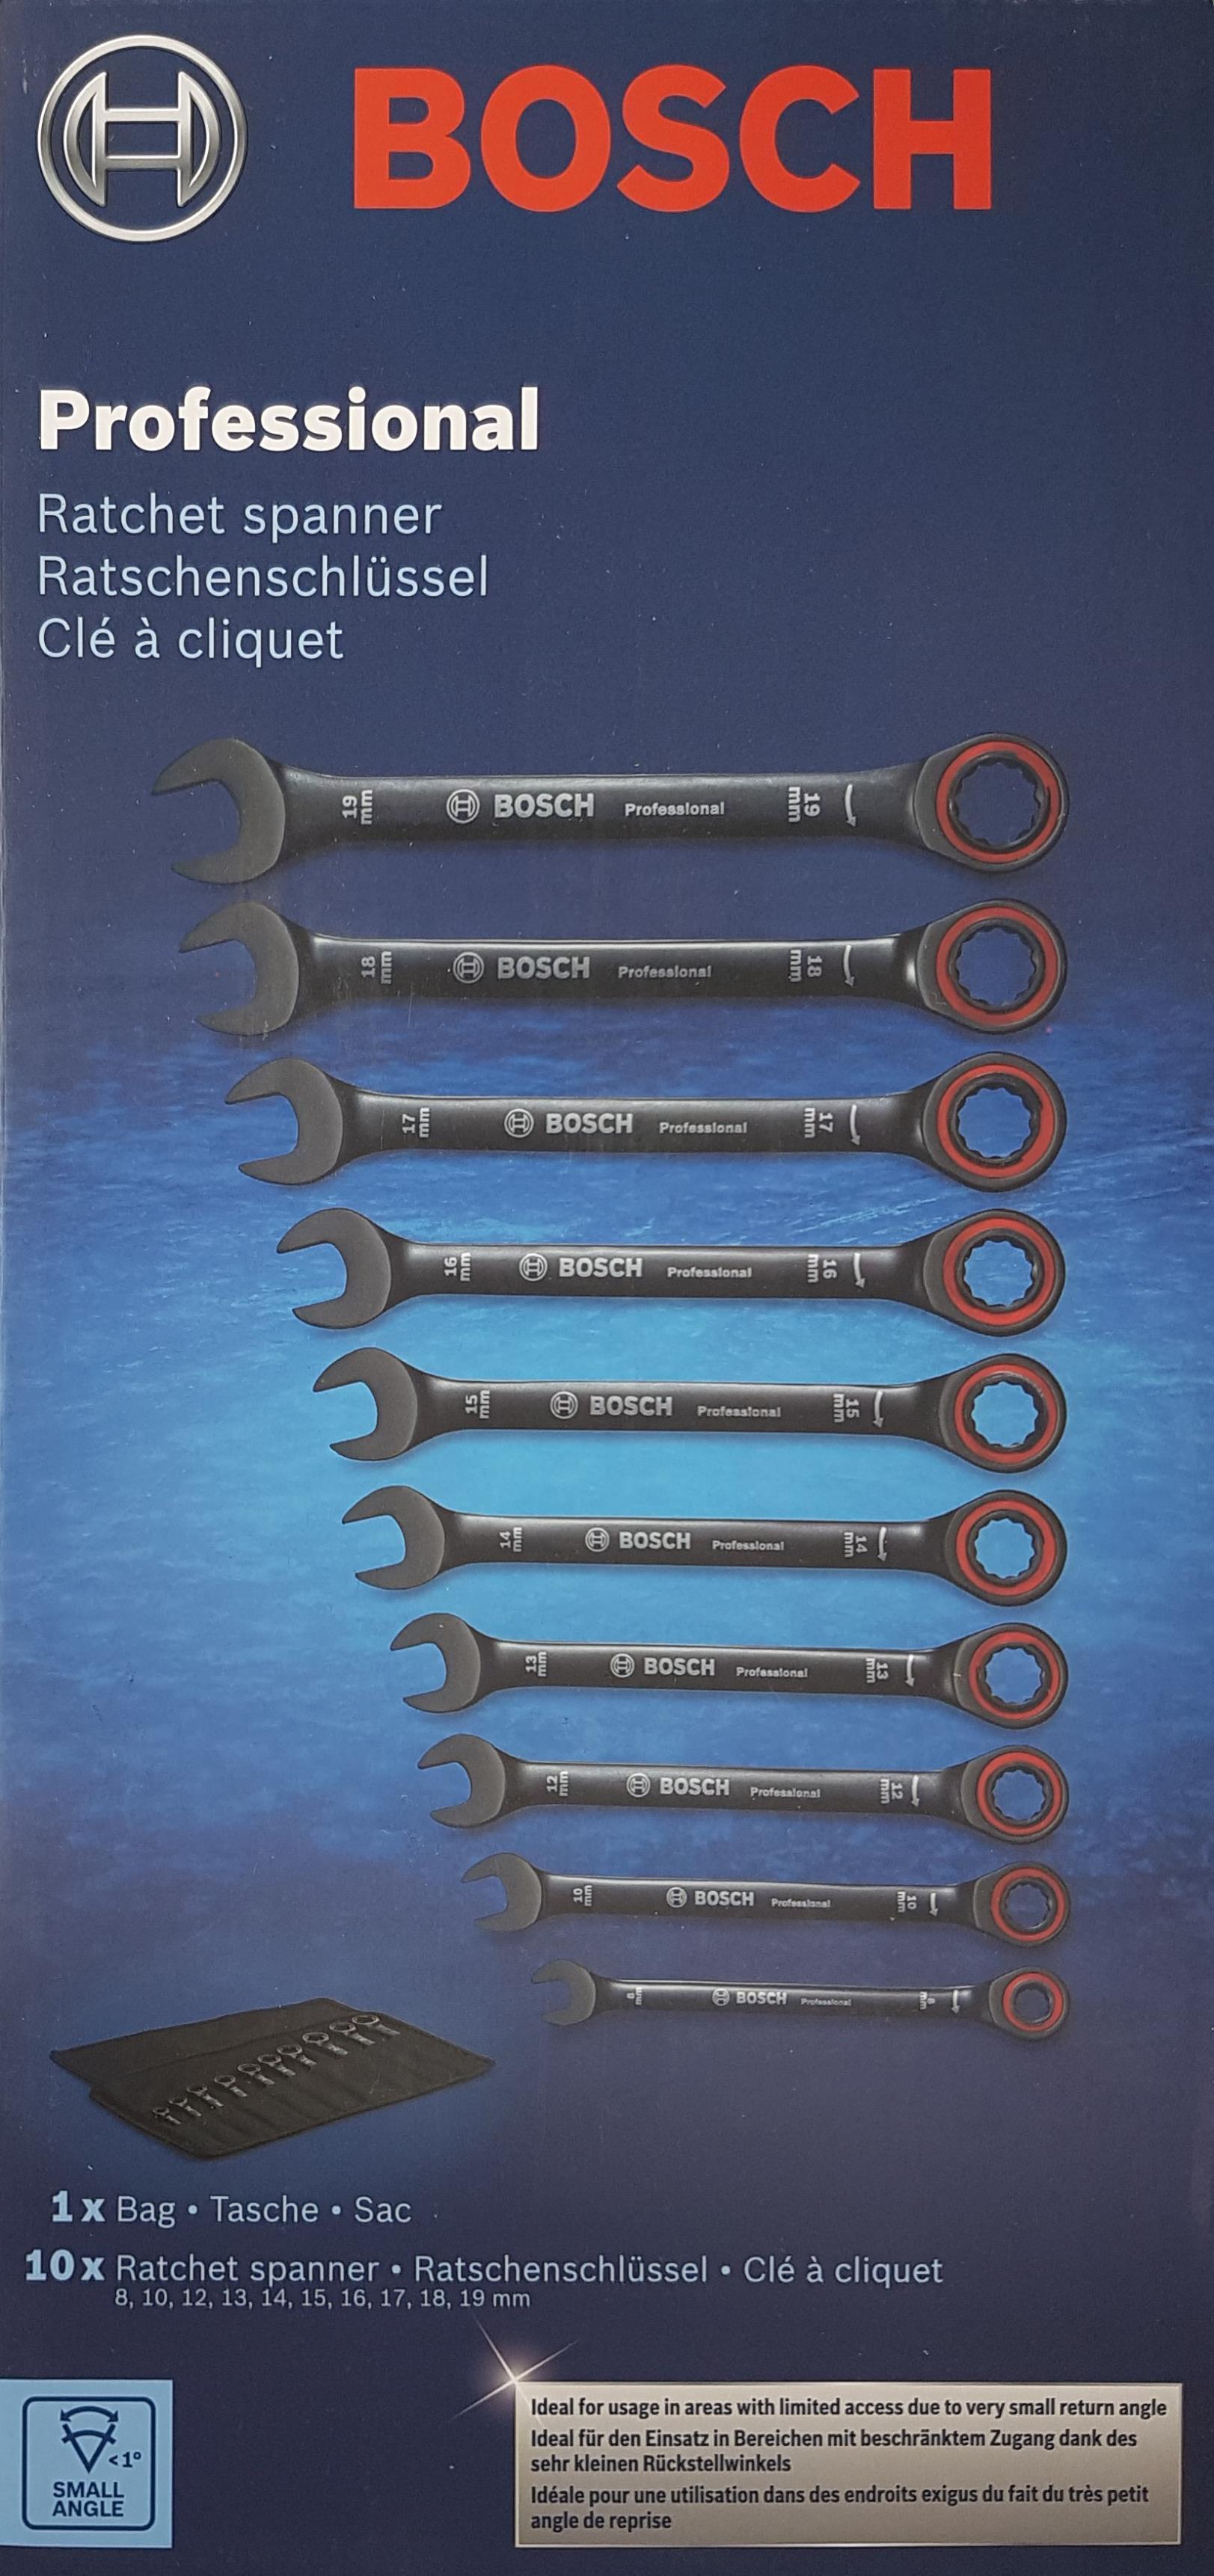 Bosch Professional 10 tlg. Ring Maulschlüssel Satz mit Ratschenfunktion